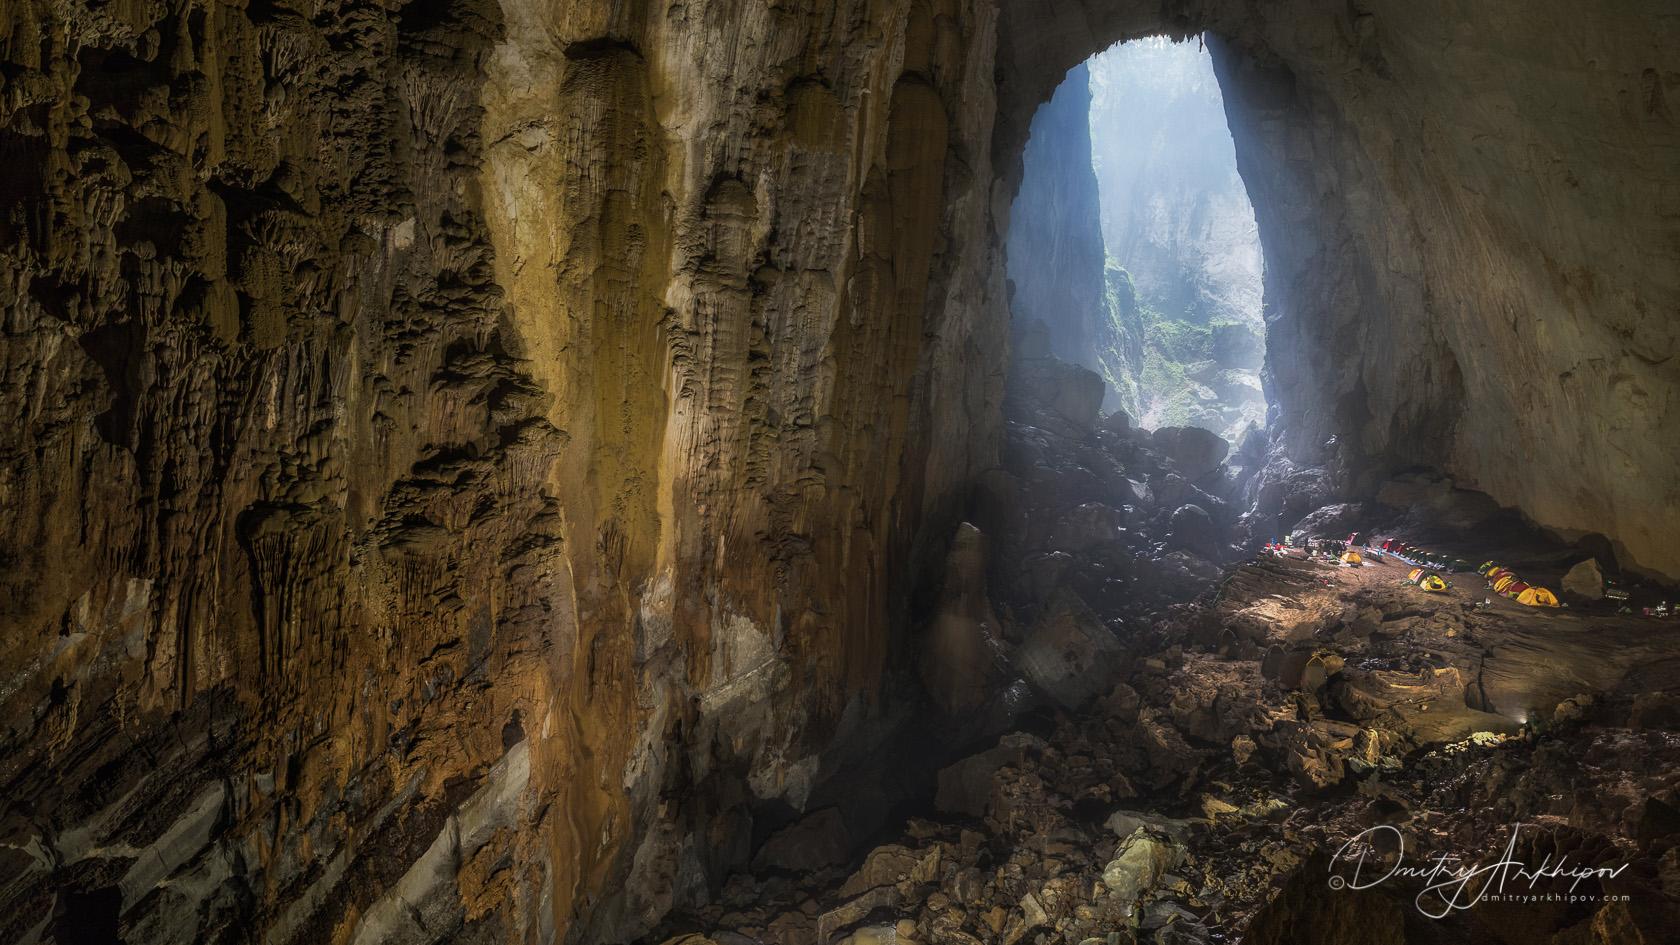 Sond Doong cave in Vietnam